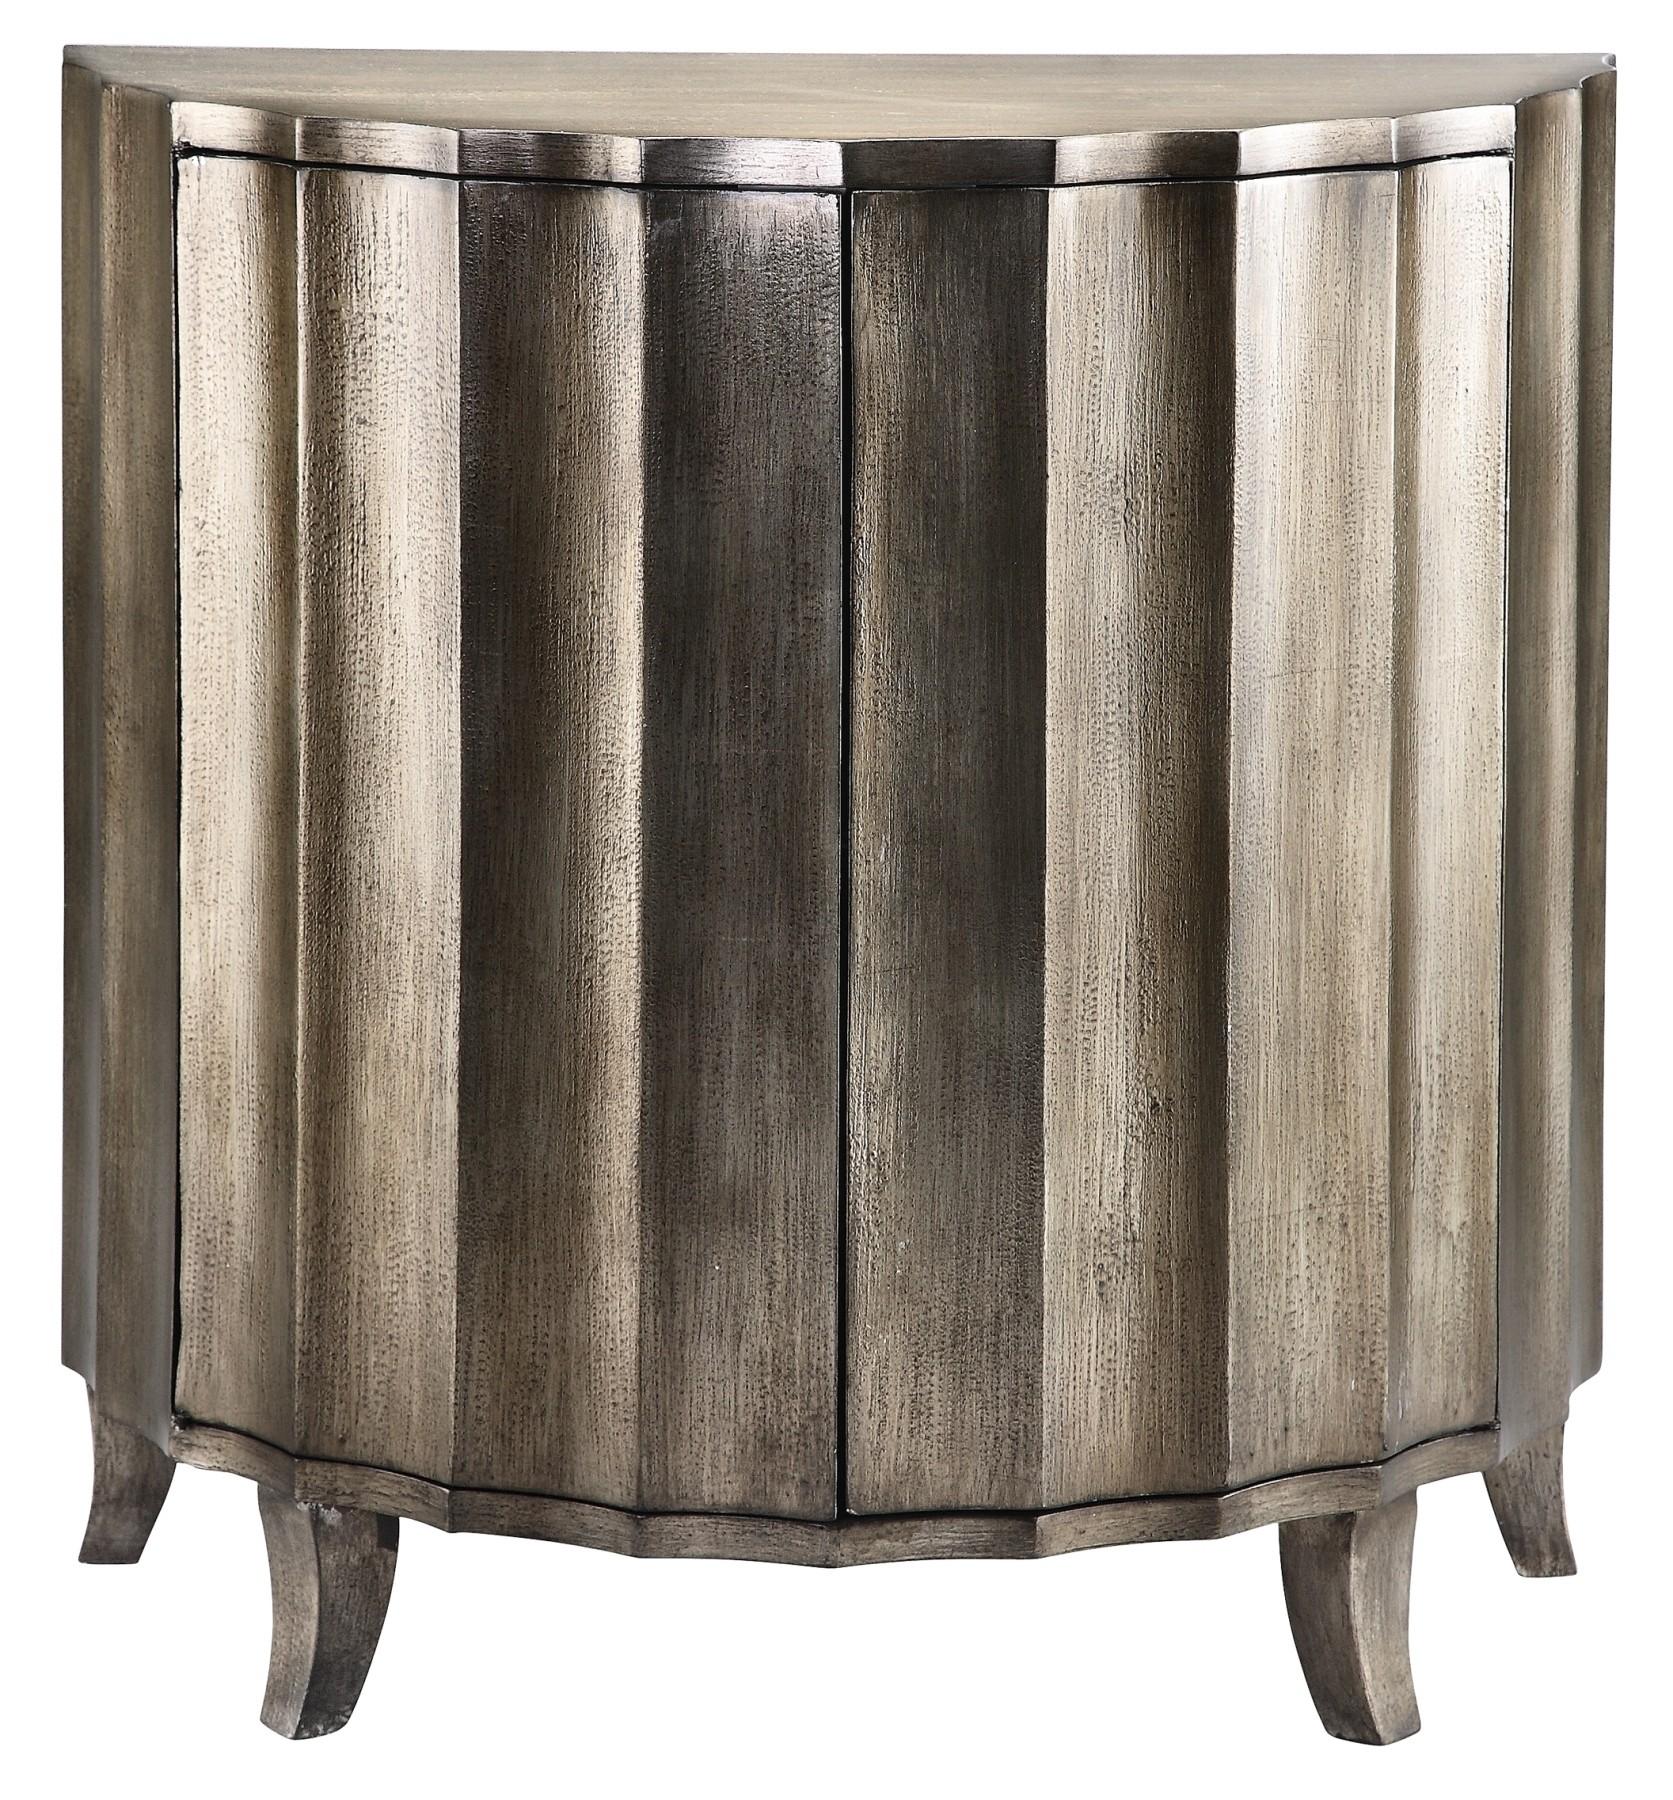 Metallic Finish Demilune Cabinet From Steinworld 28256 Coleman Furniture